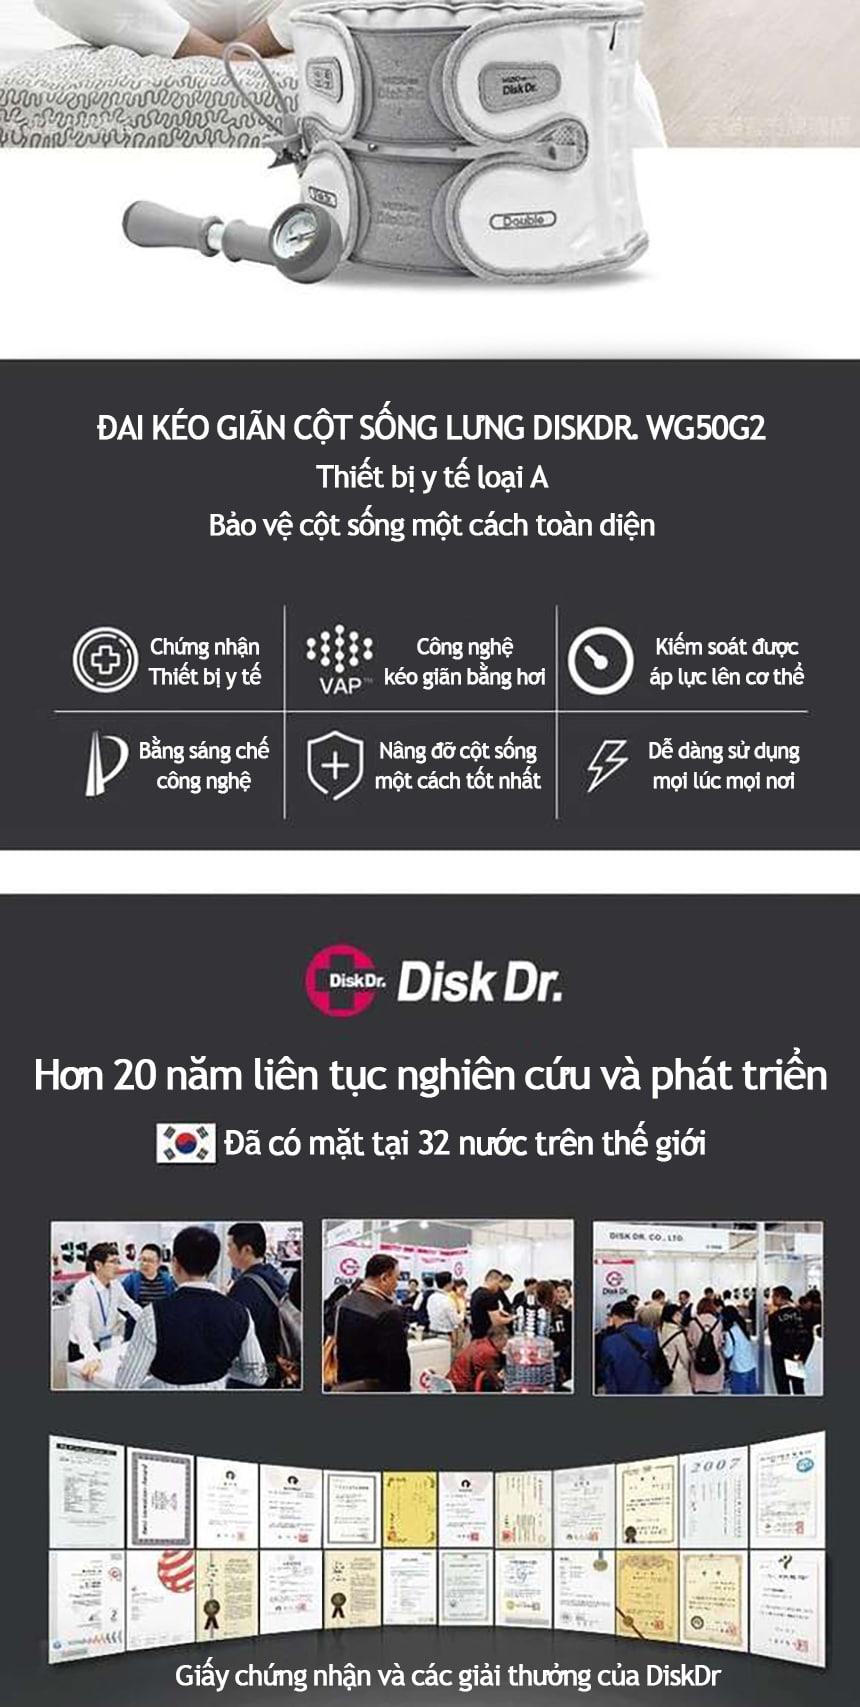 DiskDr đã có mặt tại 32 nước trên thế giới